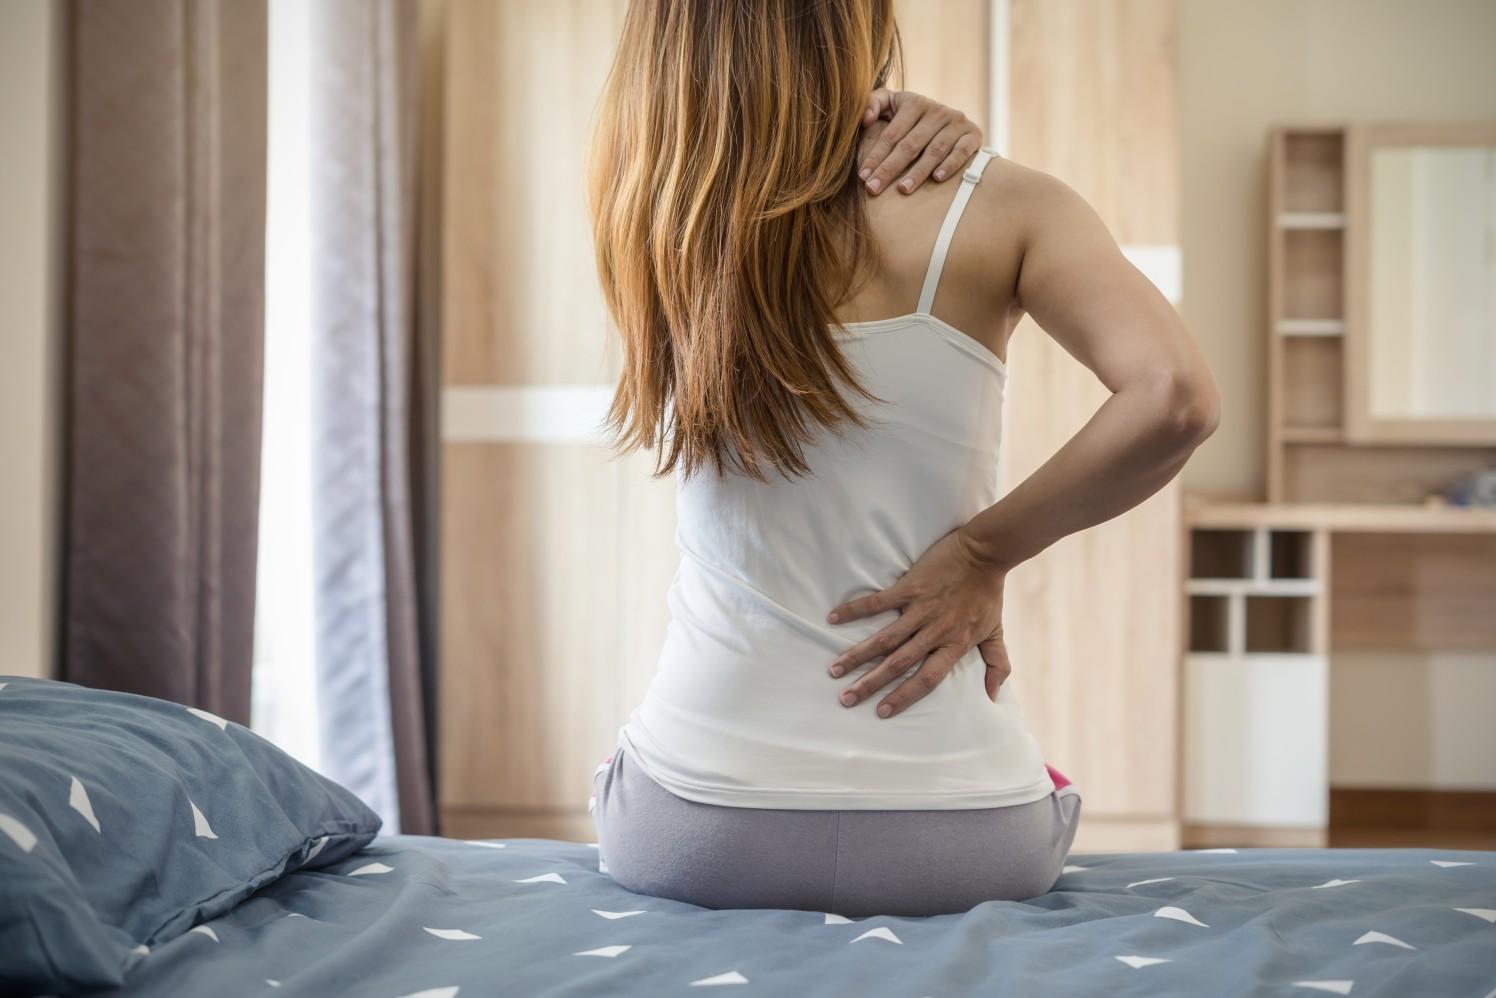 ízületek ropognak milyen betegség alhasi és derékfájdalom